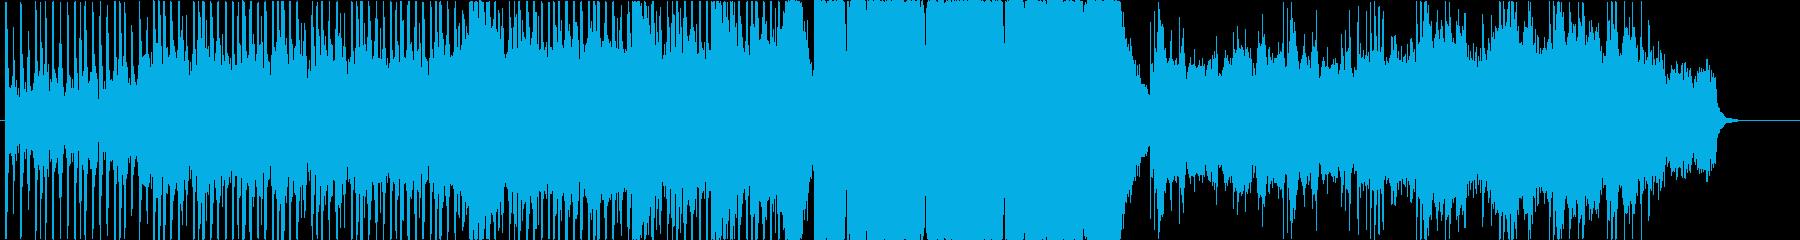 映画の戦闘シーンのイメージの再生済みの波形